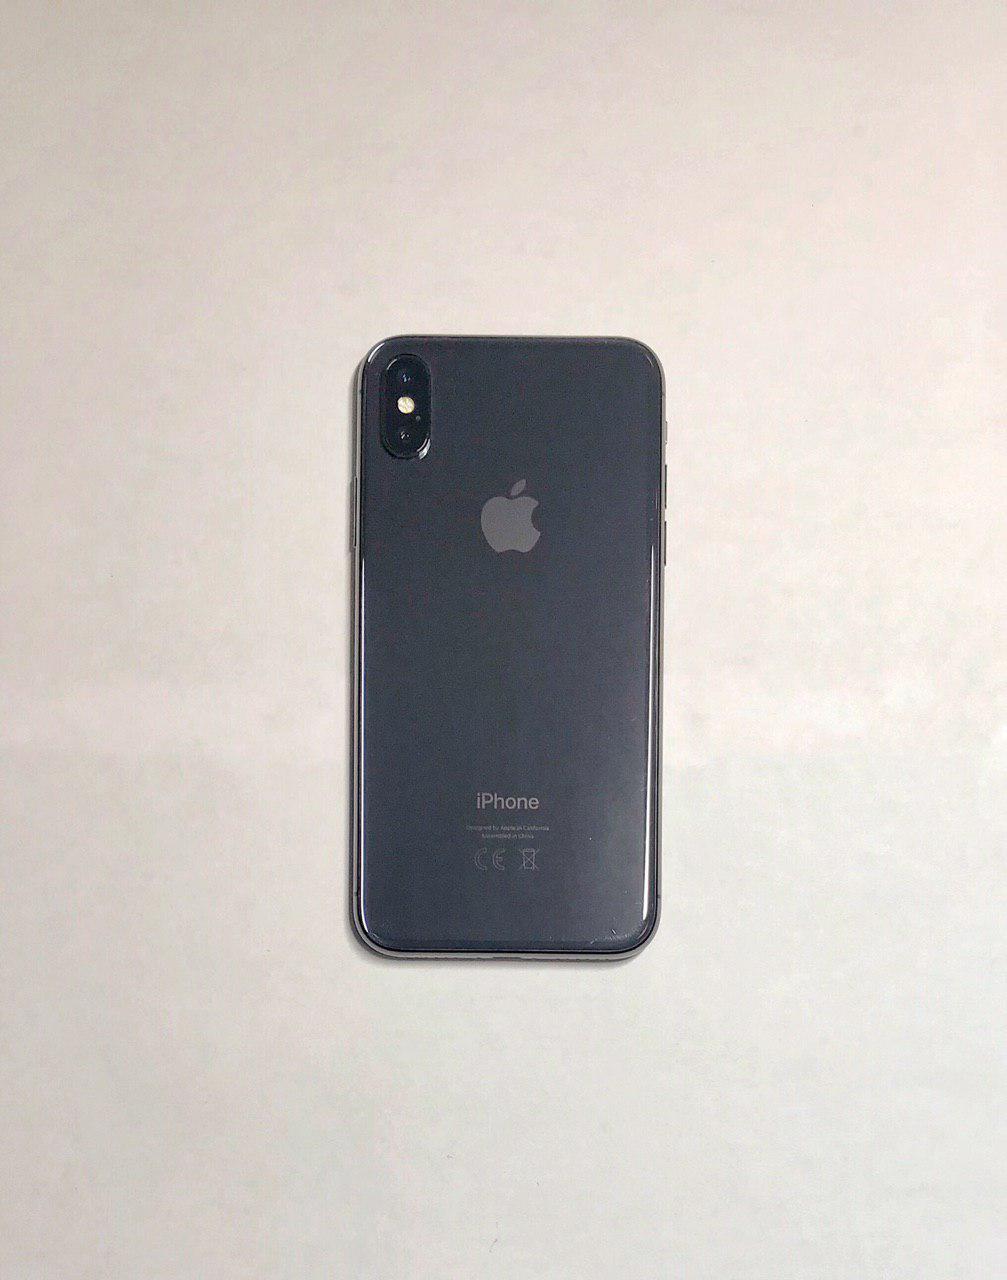 81b3a1a21d3e6 iPhone X 64Gb Space Gray б/у - Restart Shop & Service Point